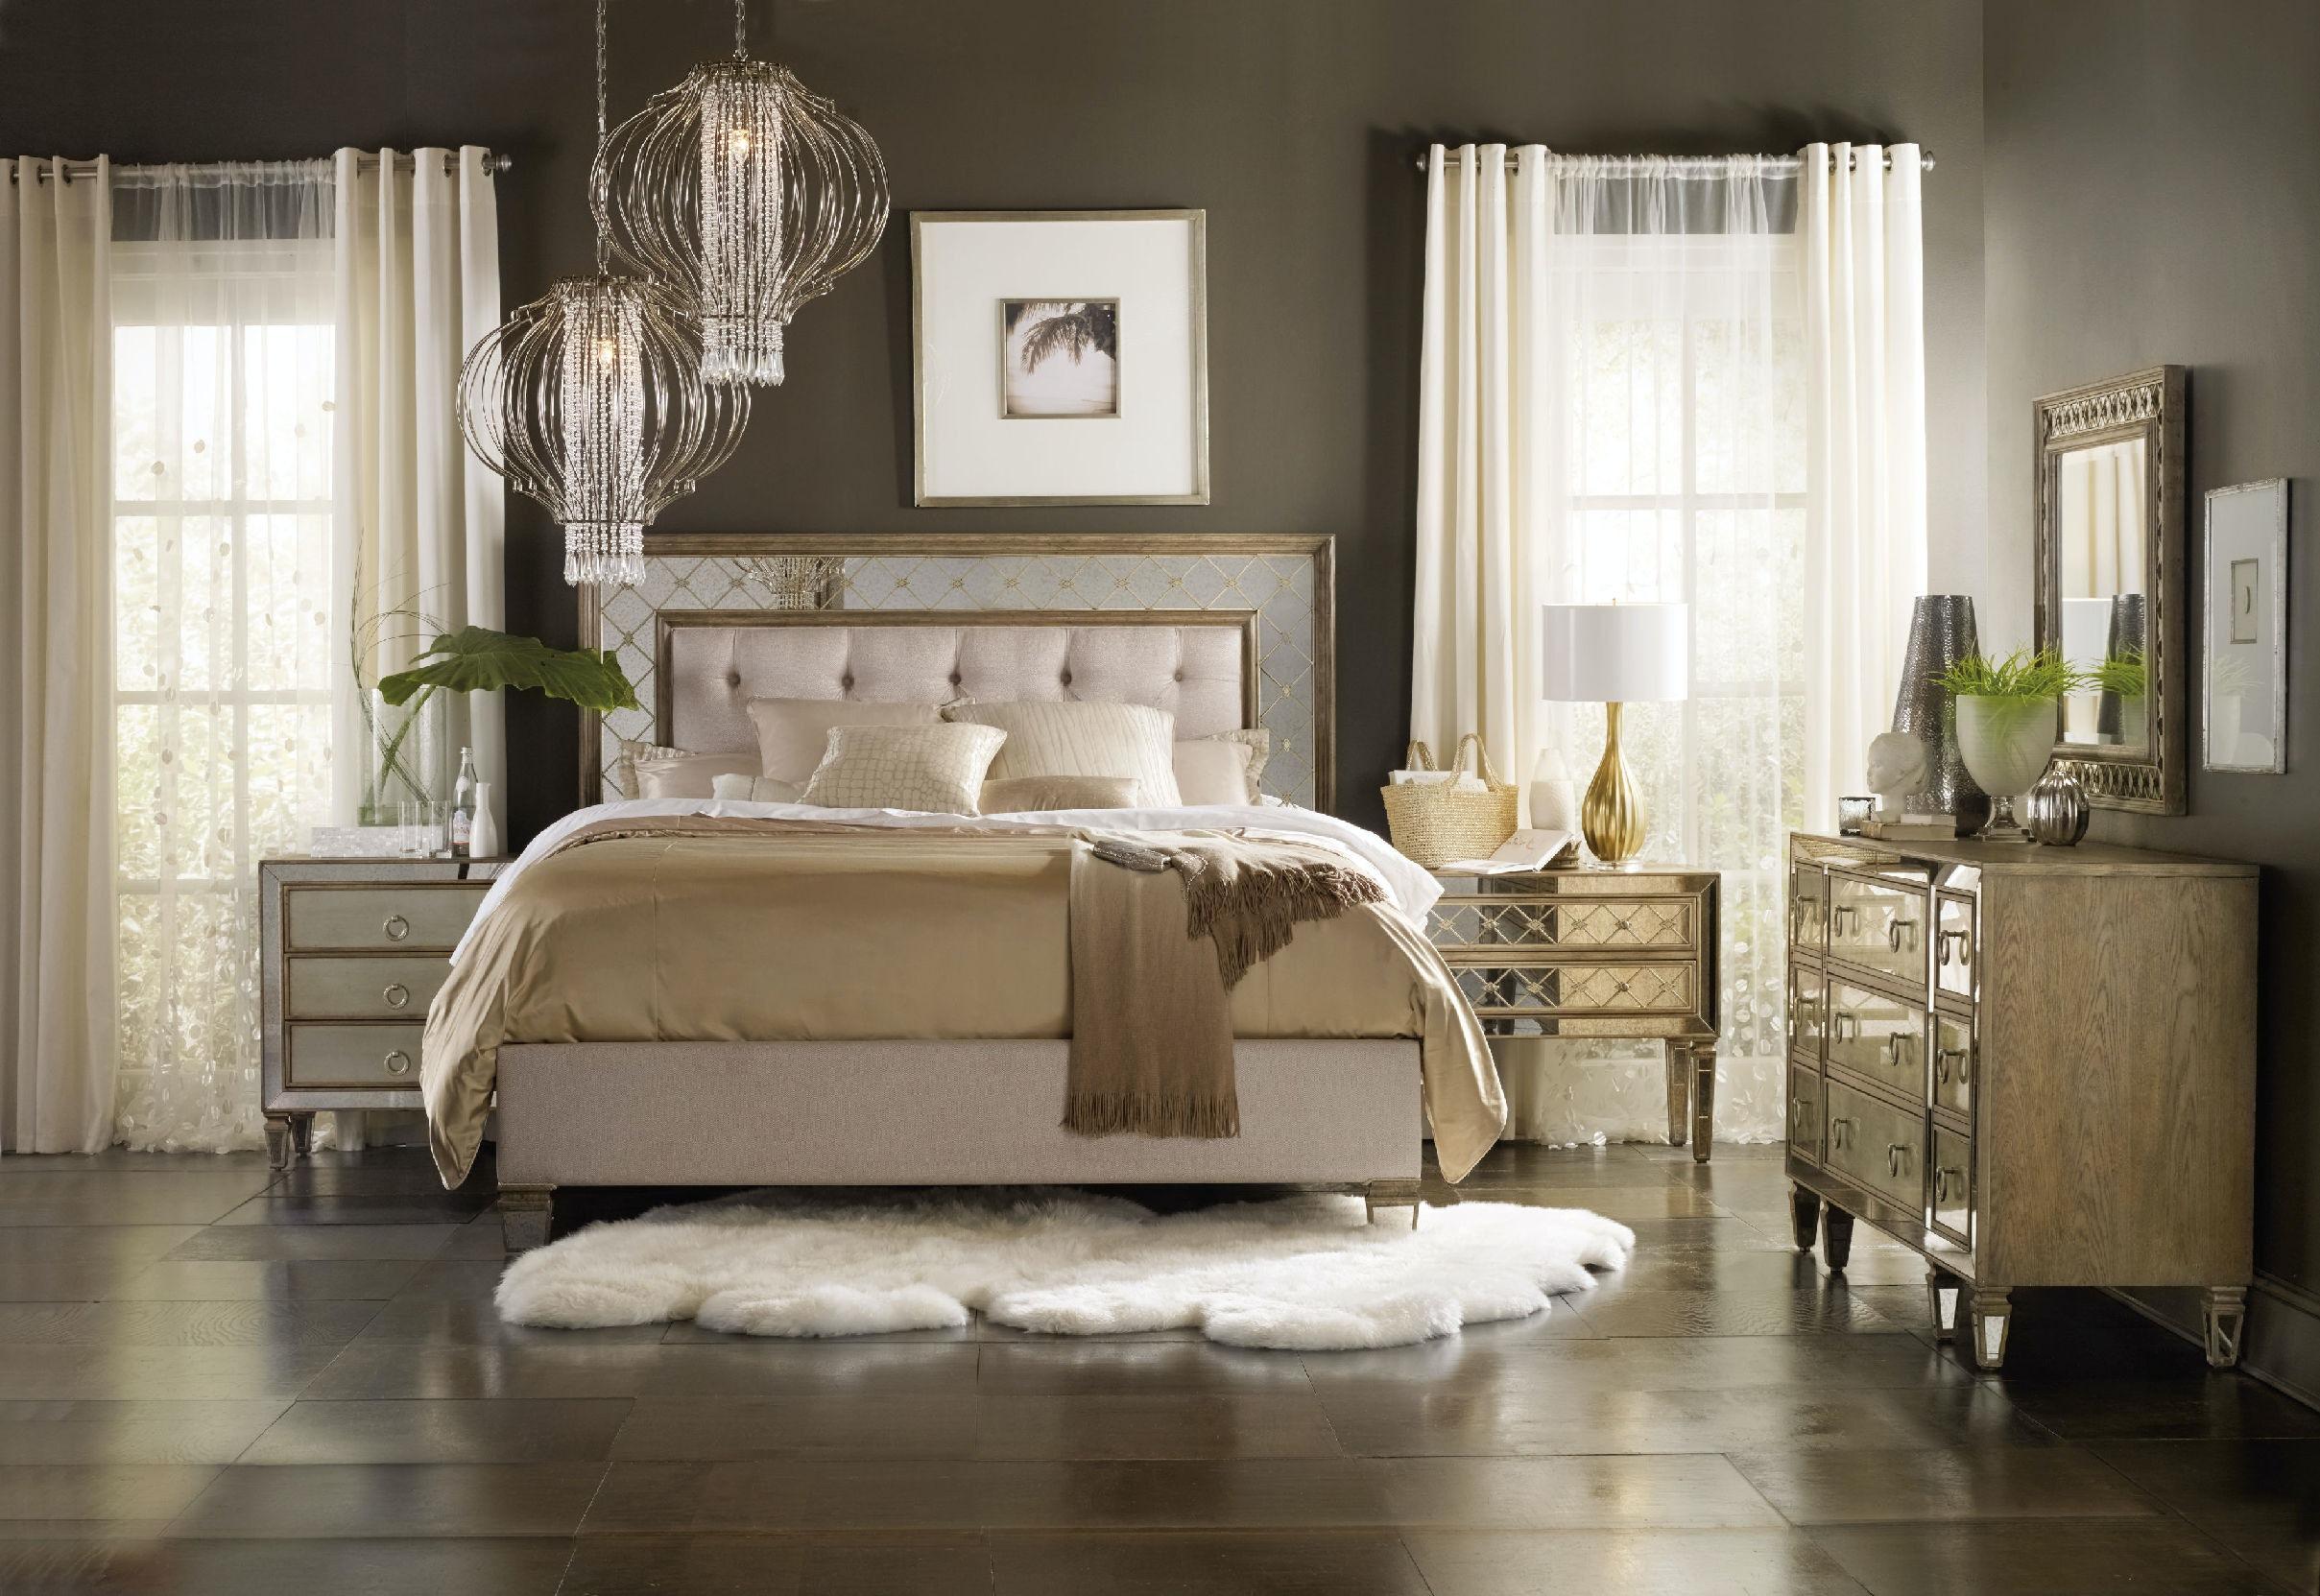 Hooker Furniture Bedroom Sanctuary Nightstand 5414-90016